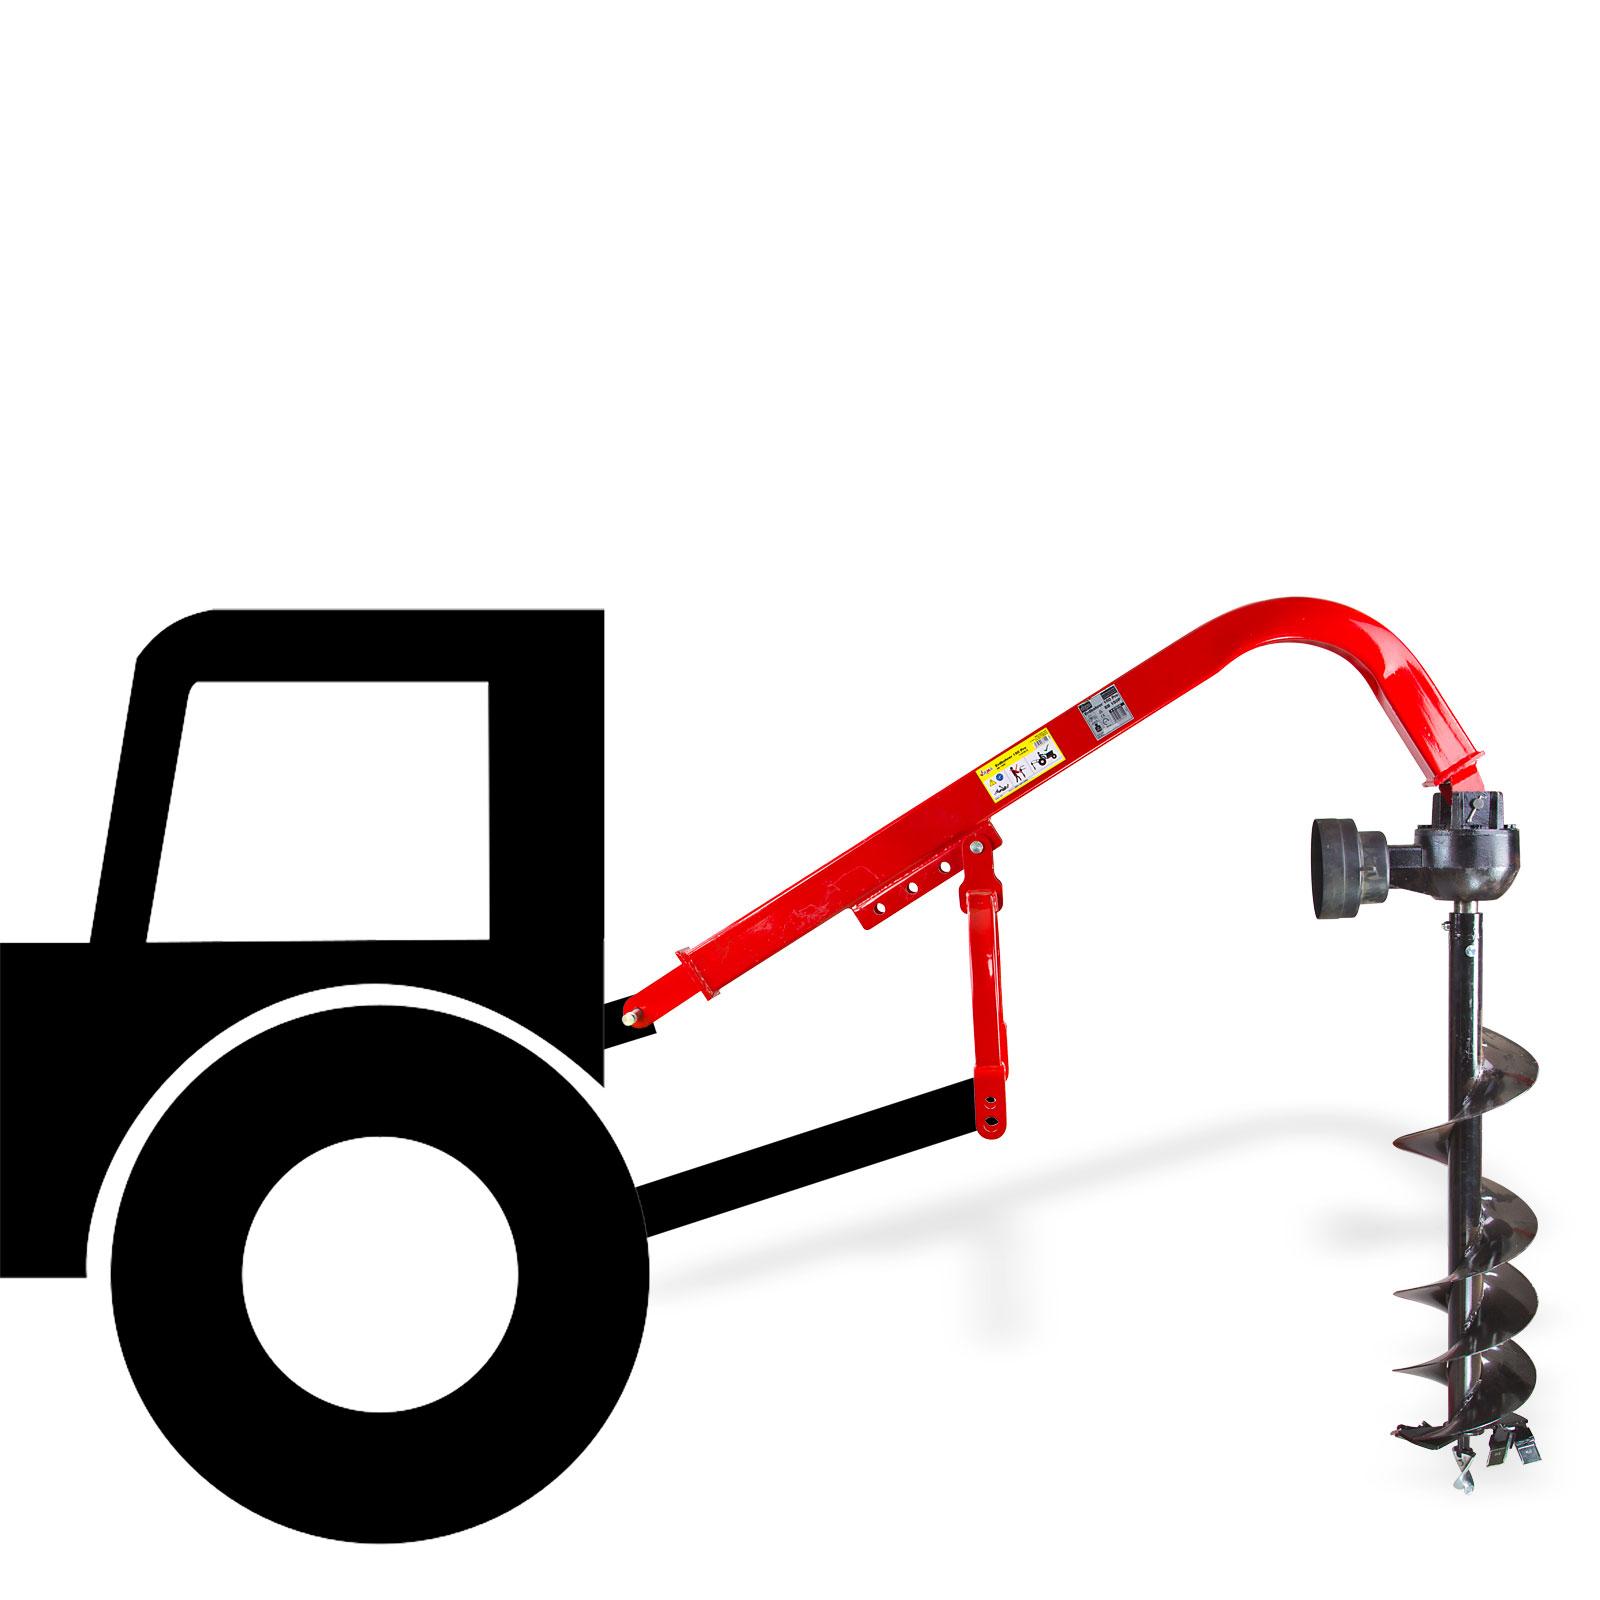 Profi-Traktor-Bohrer-Zapfwelle-Erdbohrer-Erdlochbohrer-Pfahlbohrer-30cm-KAT1-2